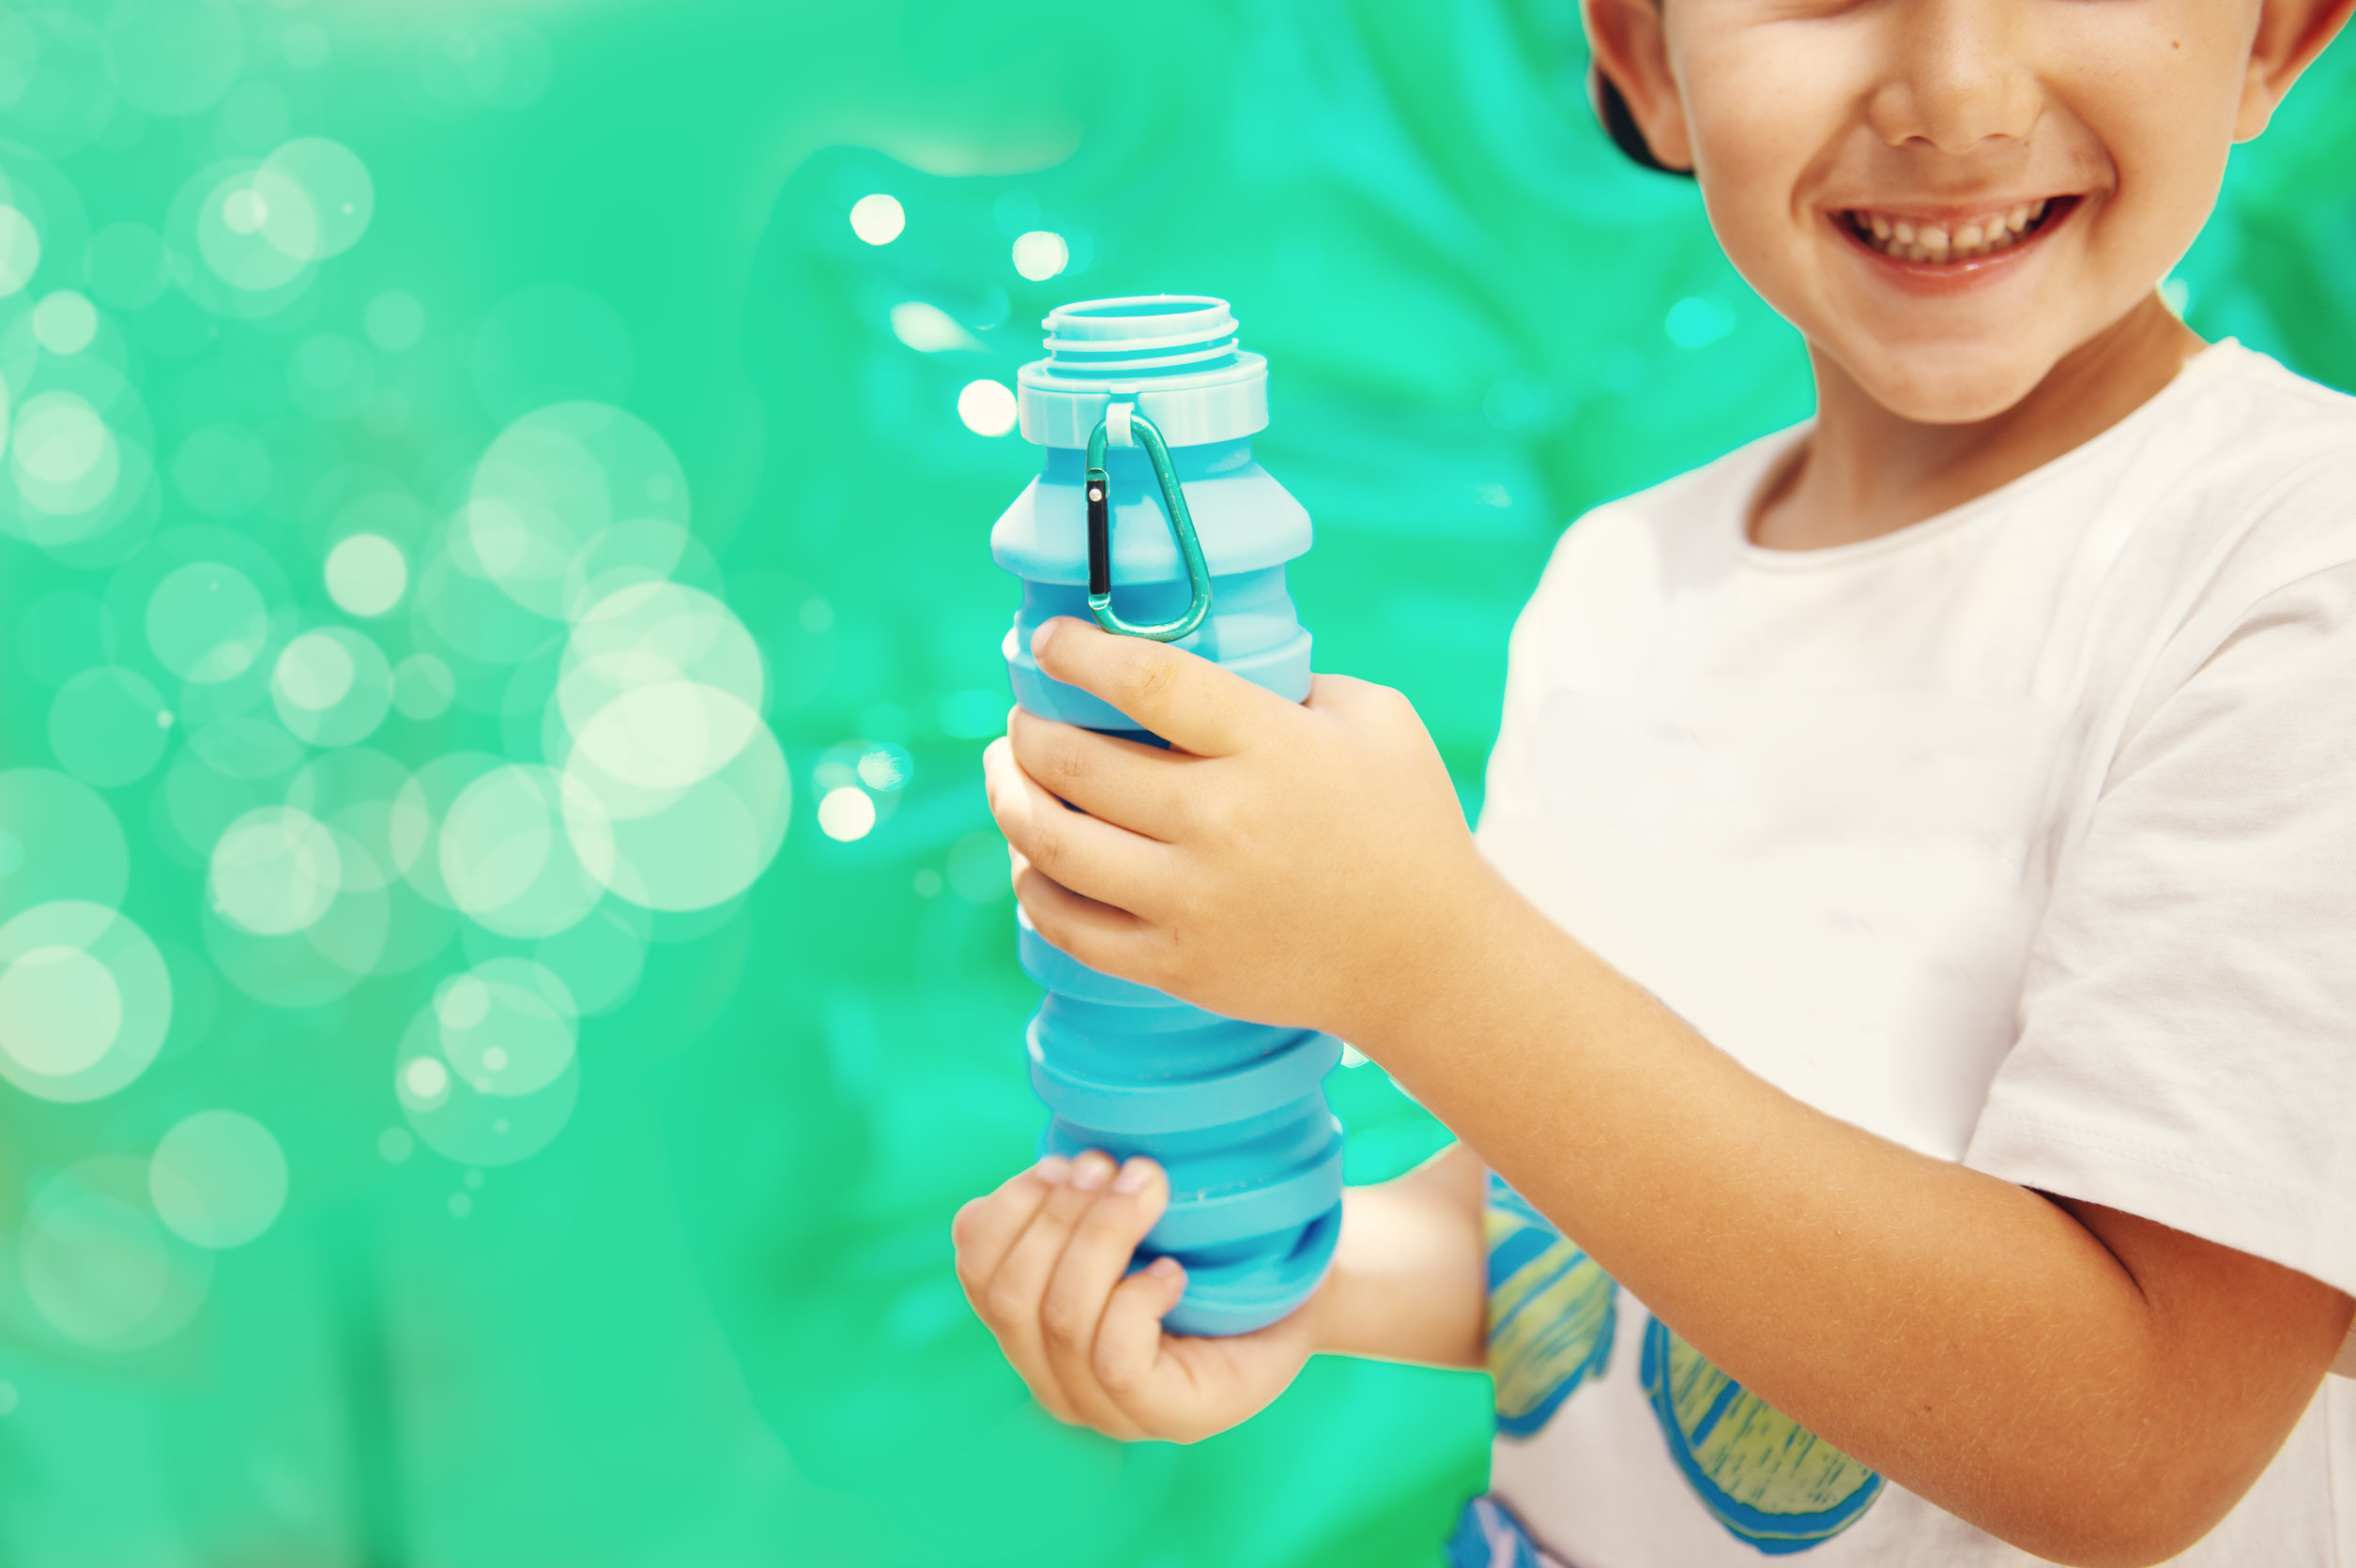 niño con botella plegable